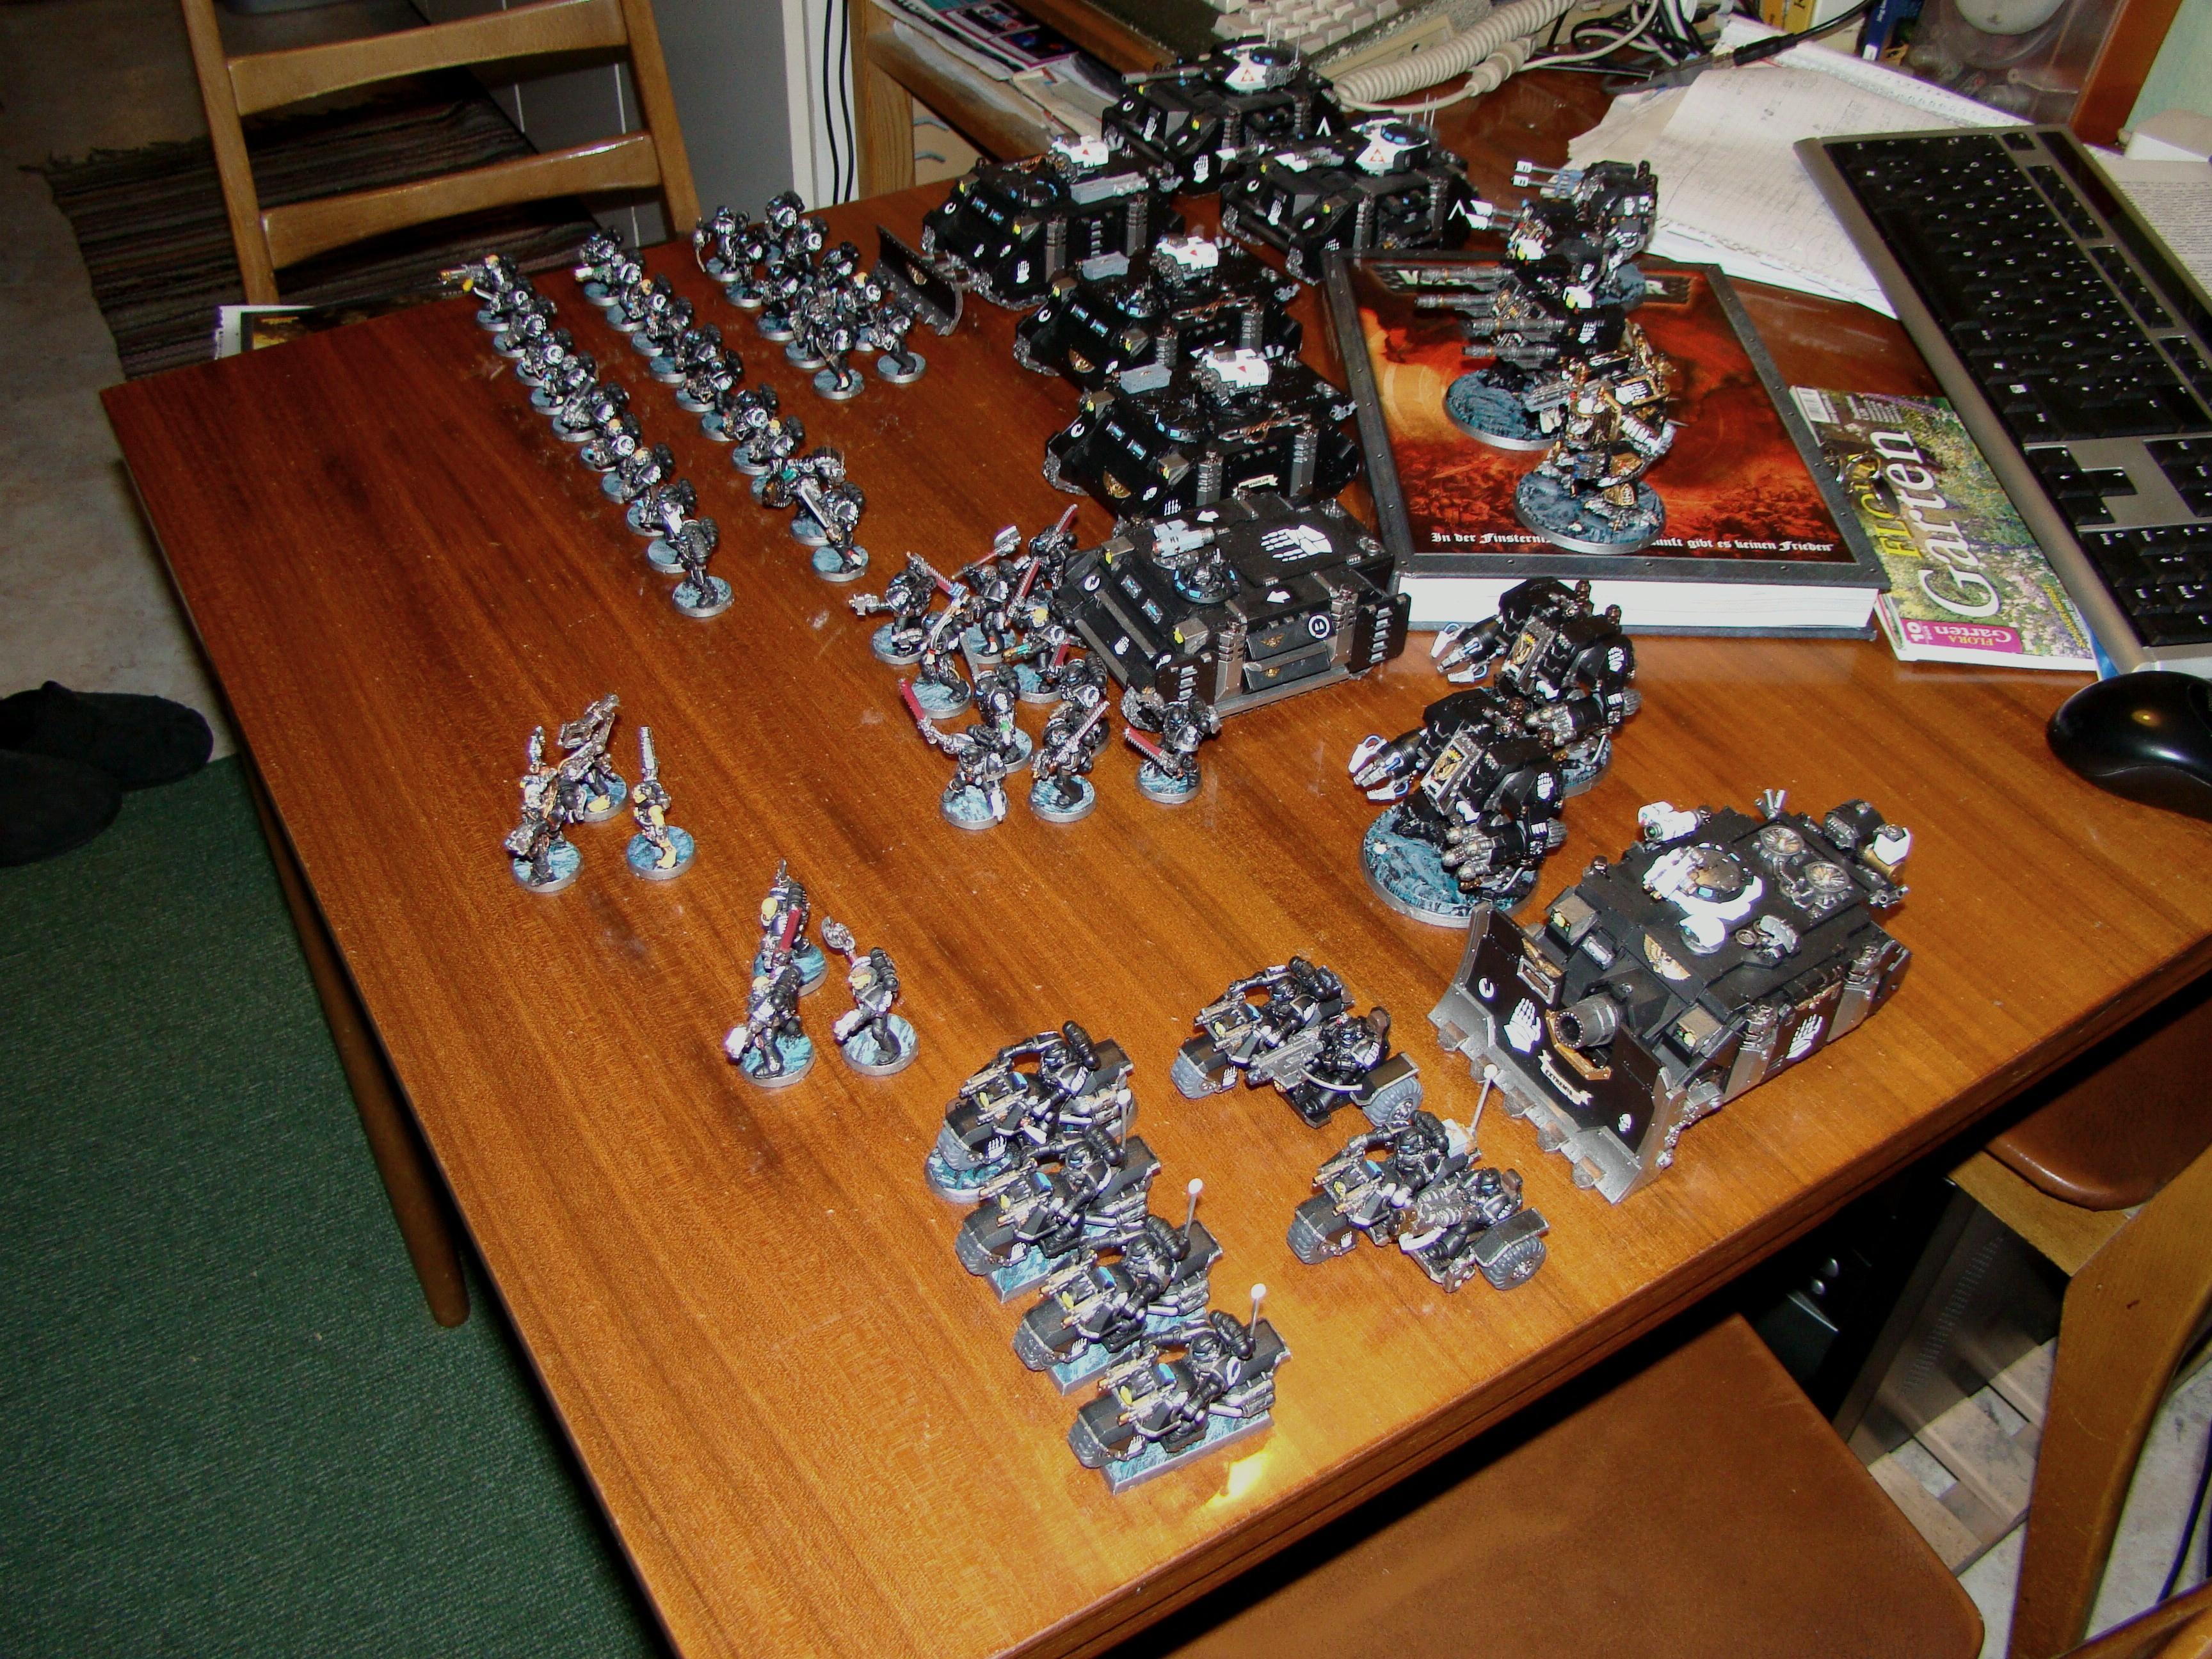 Iron Hands, Space Marines, Warhammer 40,000